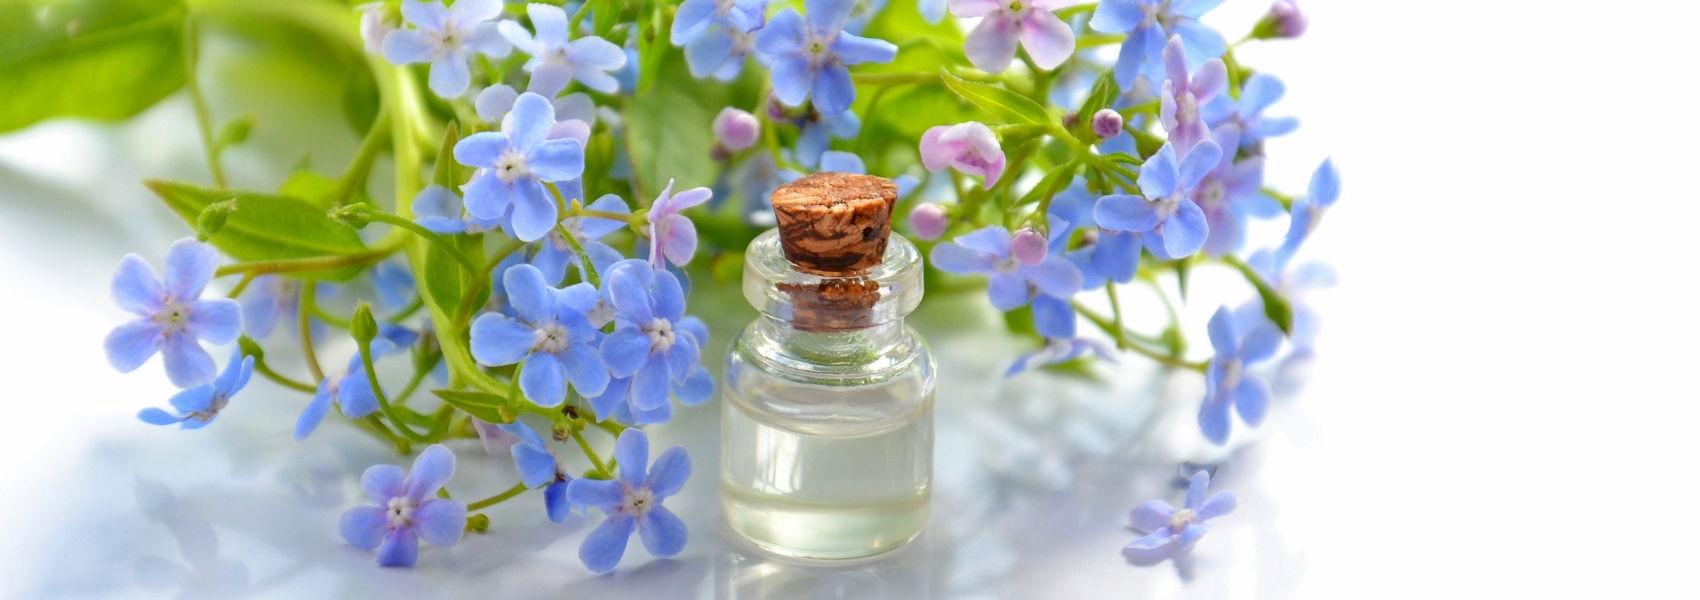 aromaterapia a cuidar da saúde